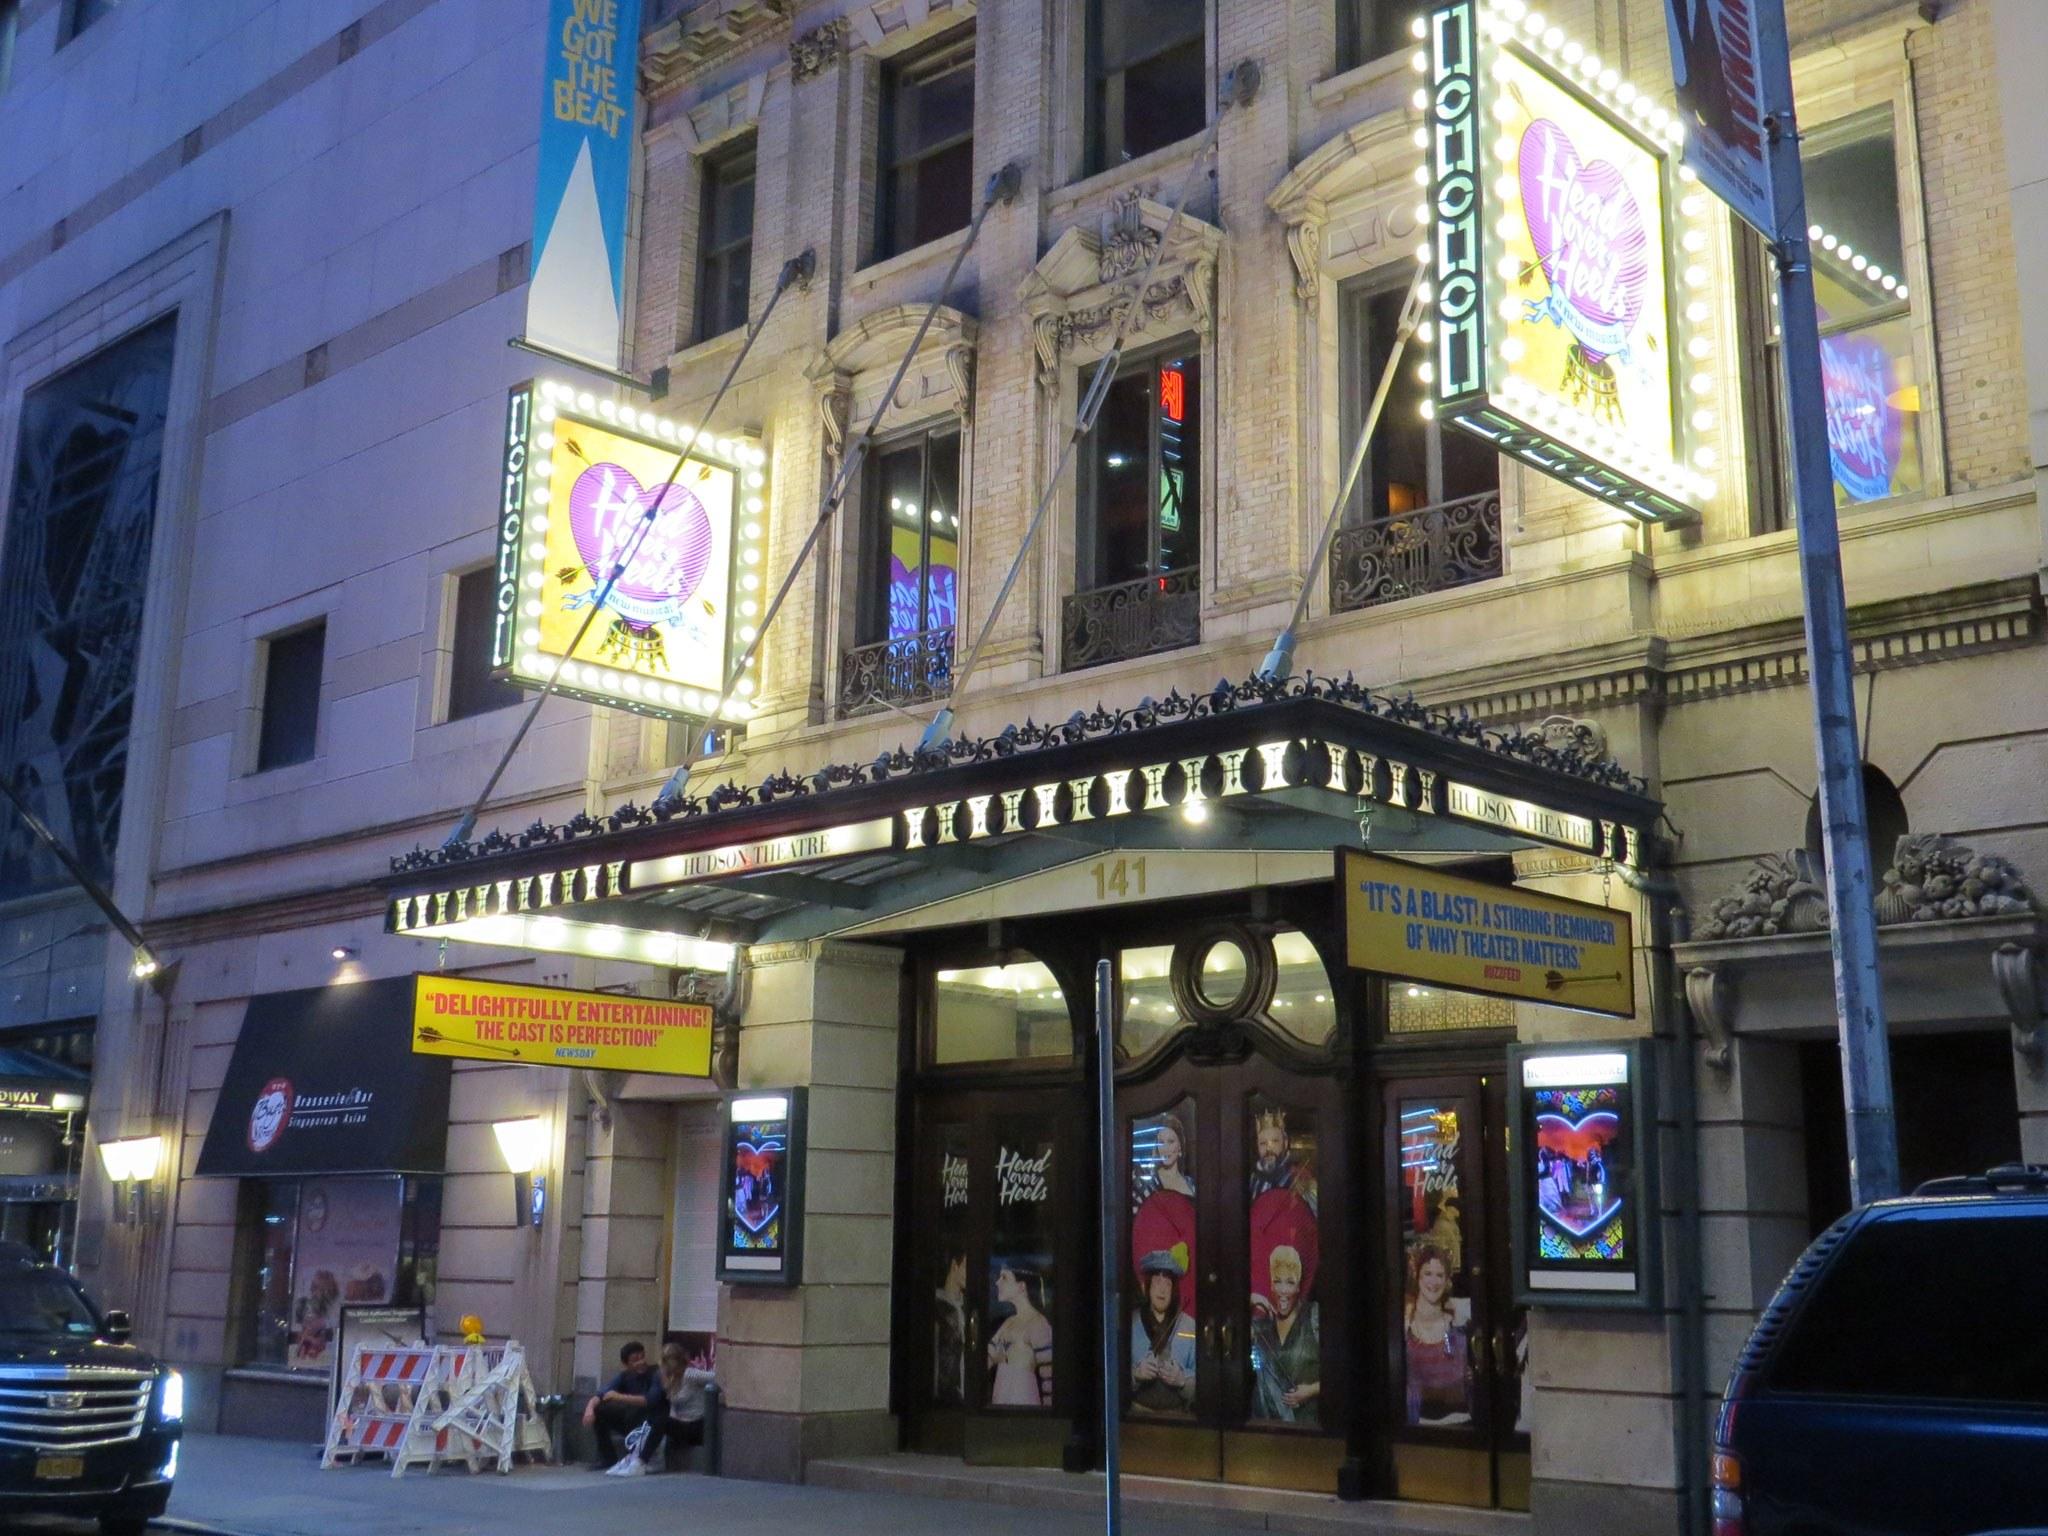 Head Over Heels Broadway Theatre Marquee